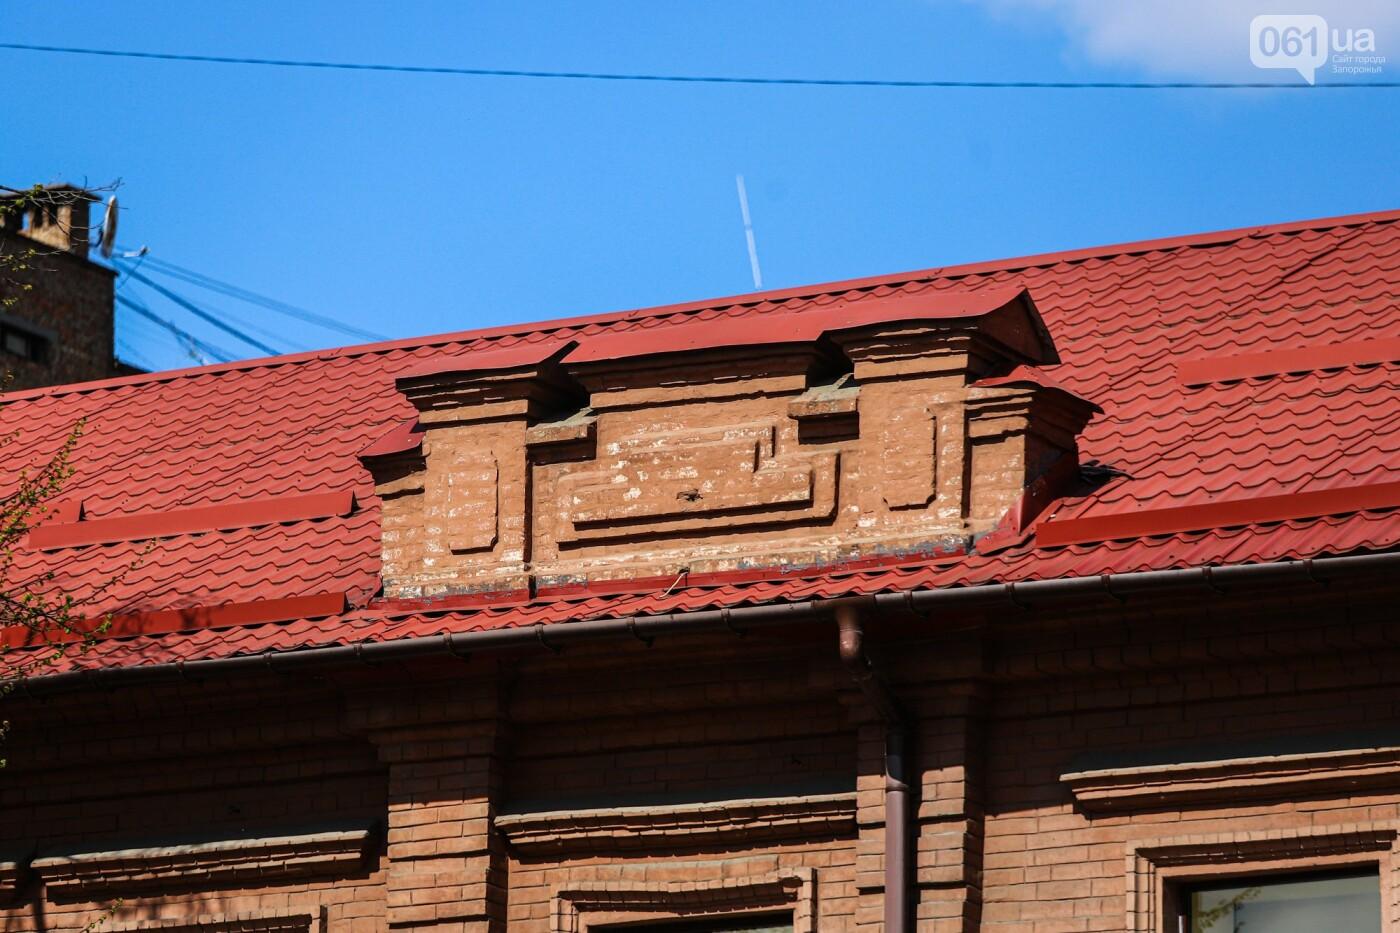 Памятники Старого Александровска: как сейчас выглядит доходный дом Регирера, - ФОТО, фото-3